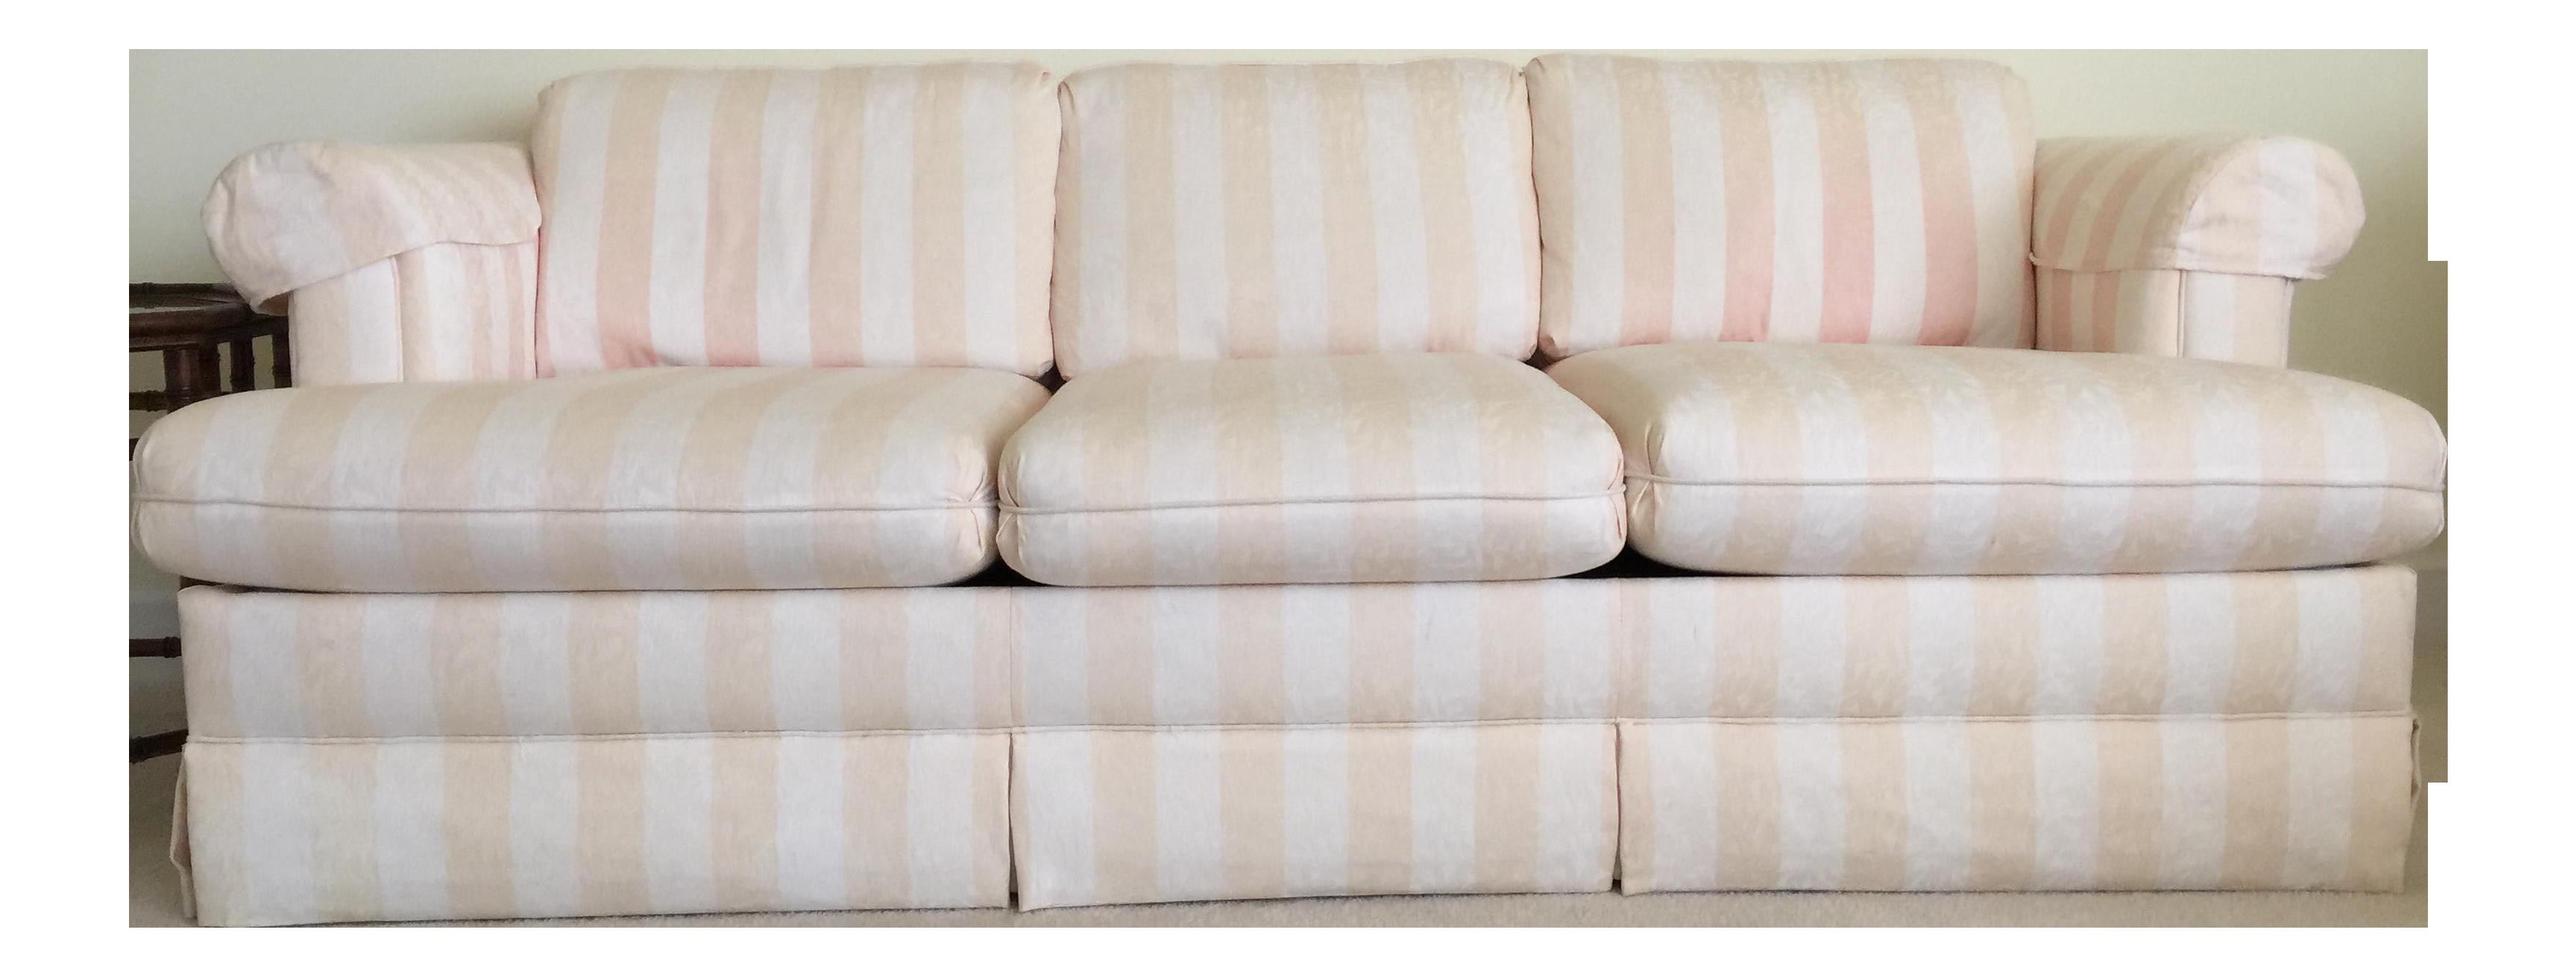 Cream Amp Peach Striped Queen Sleeper Sofa Chairish